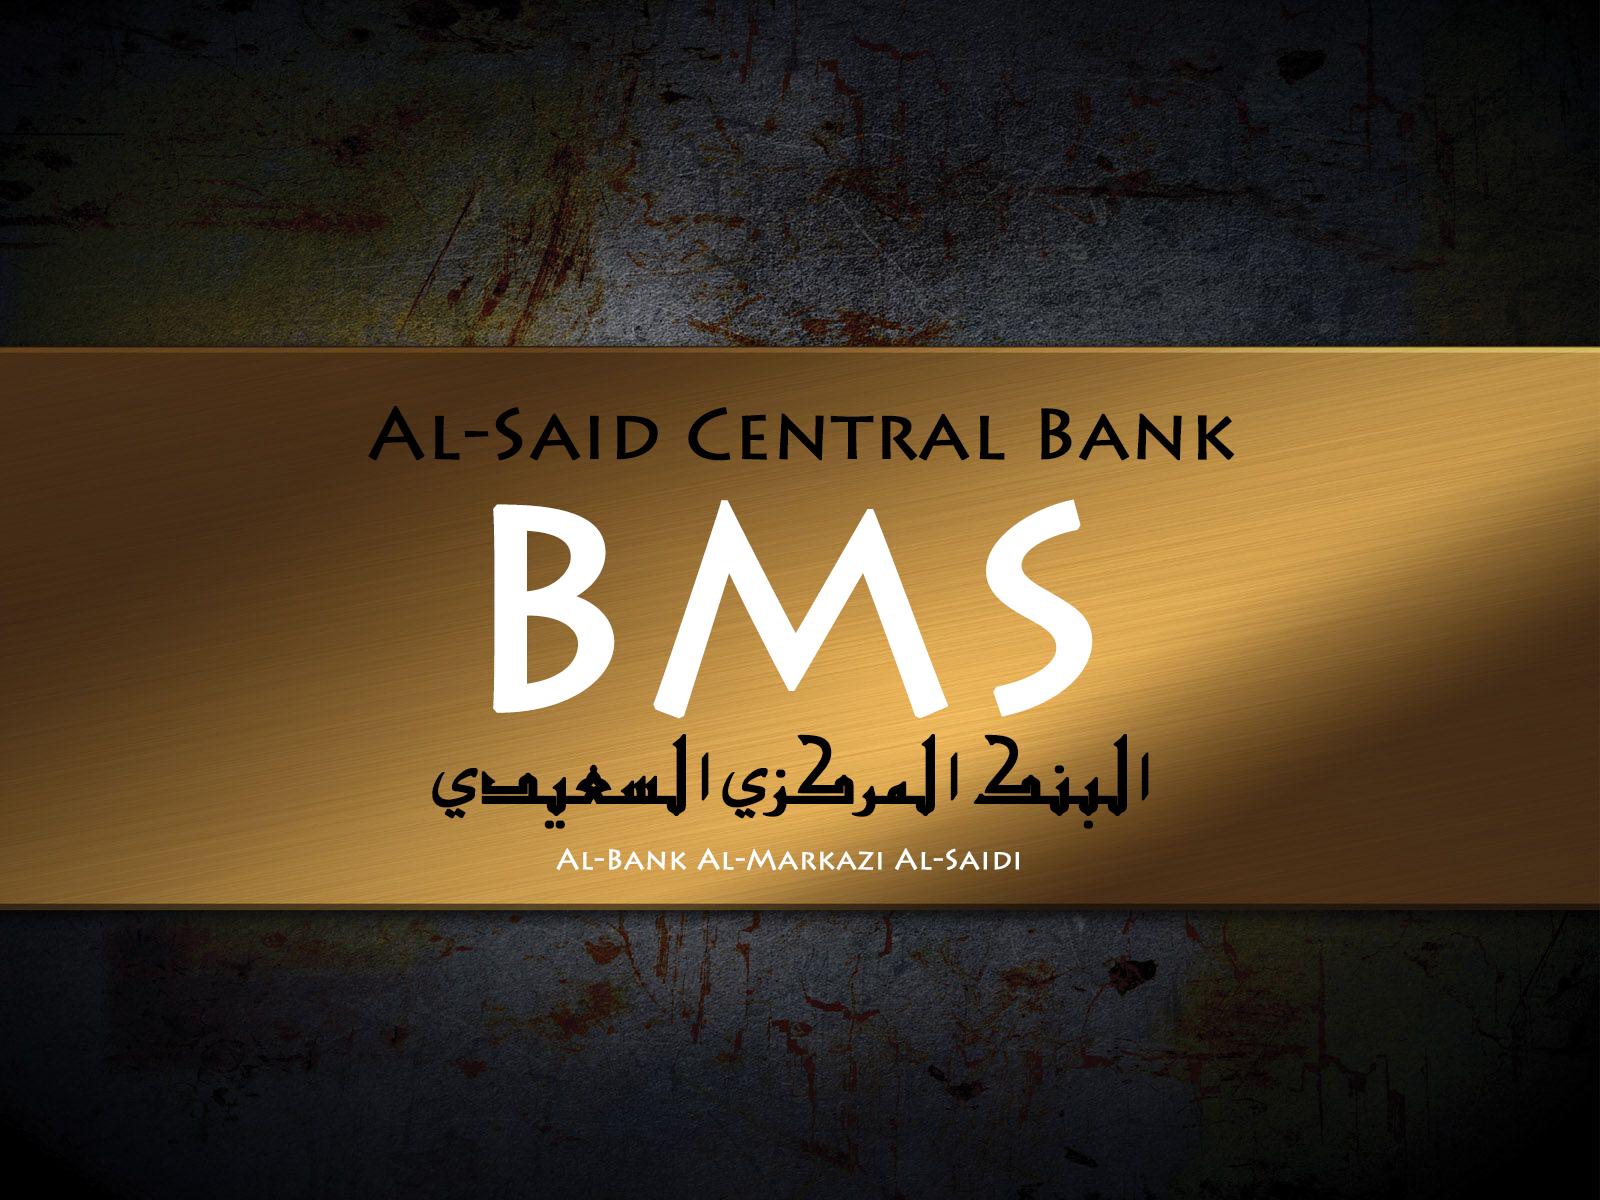 BMS AL-SAID CENTRAL BANK